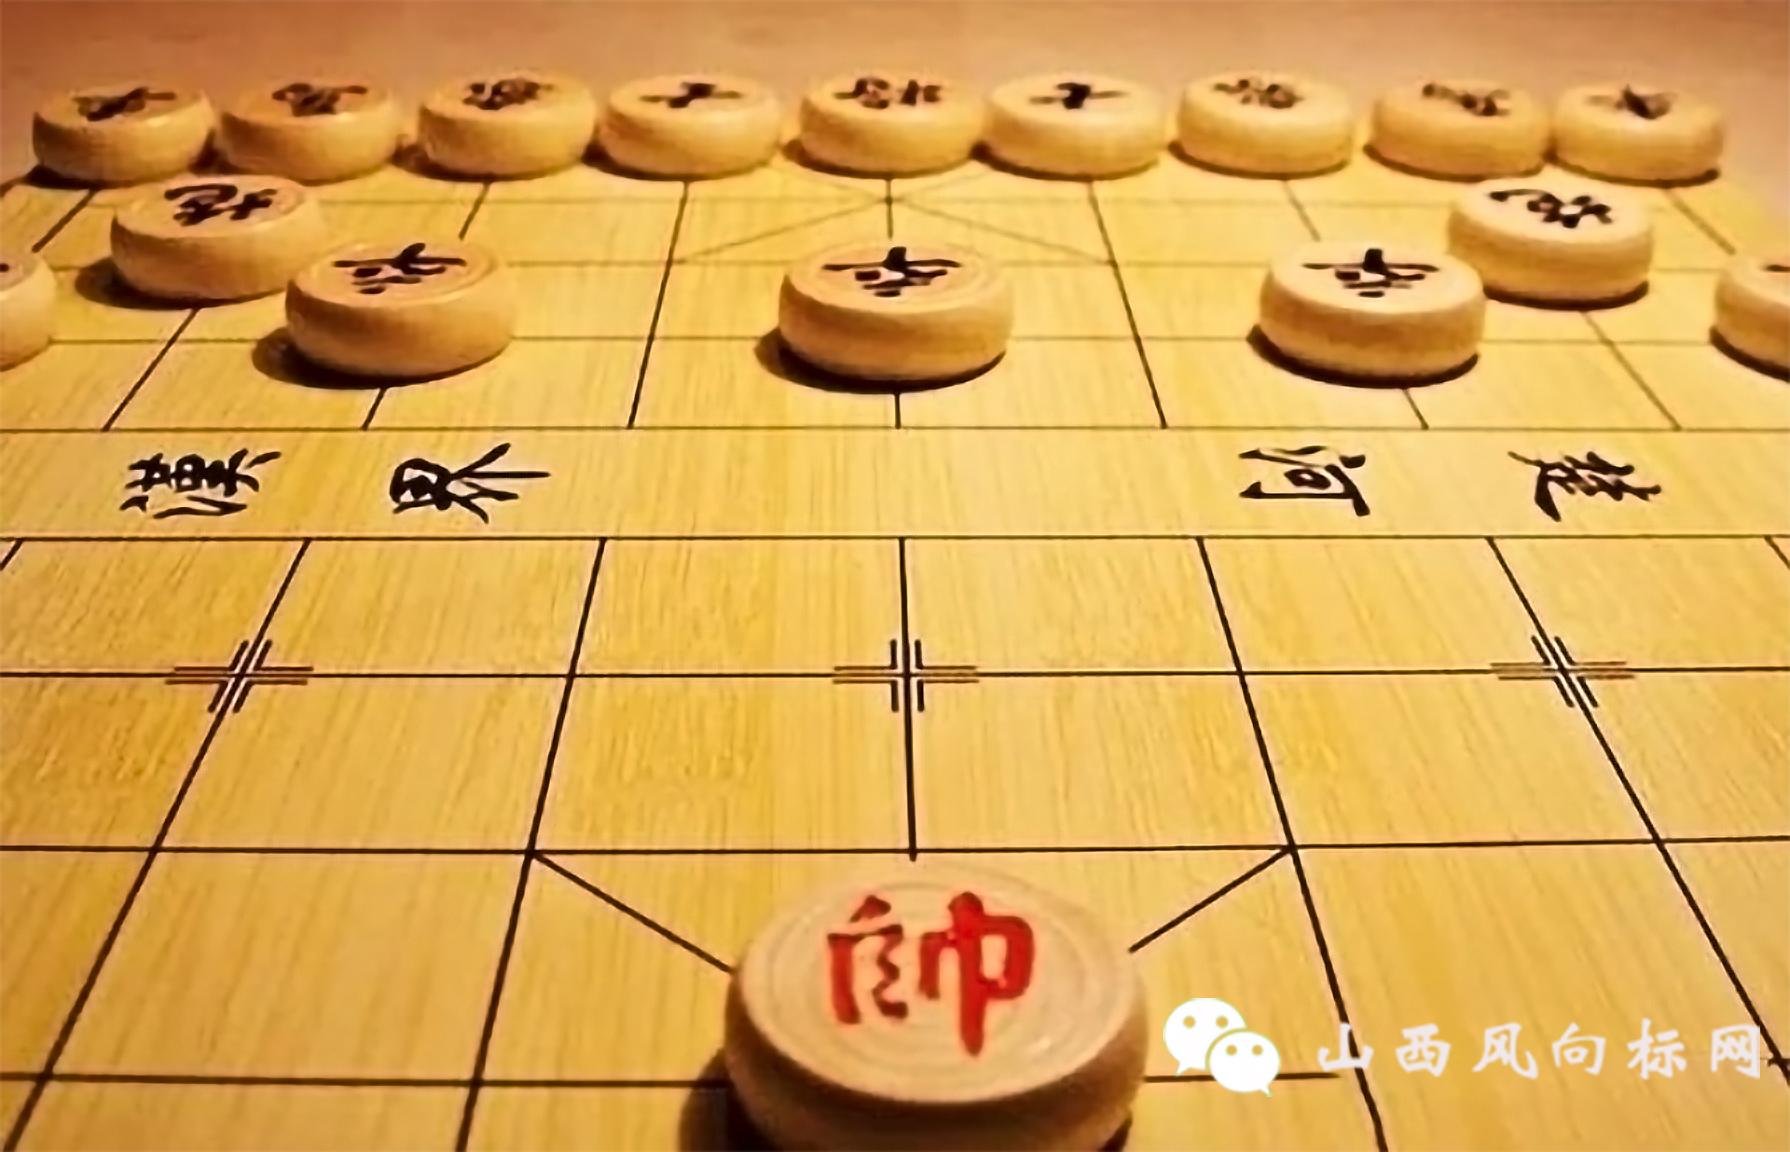 浅谈象棋博弈——张志忠